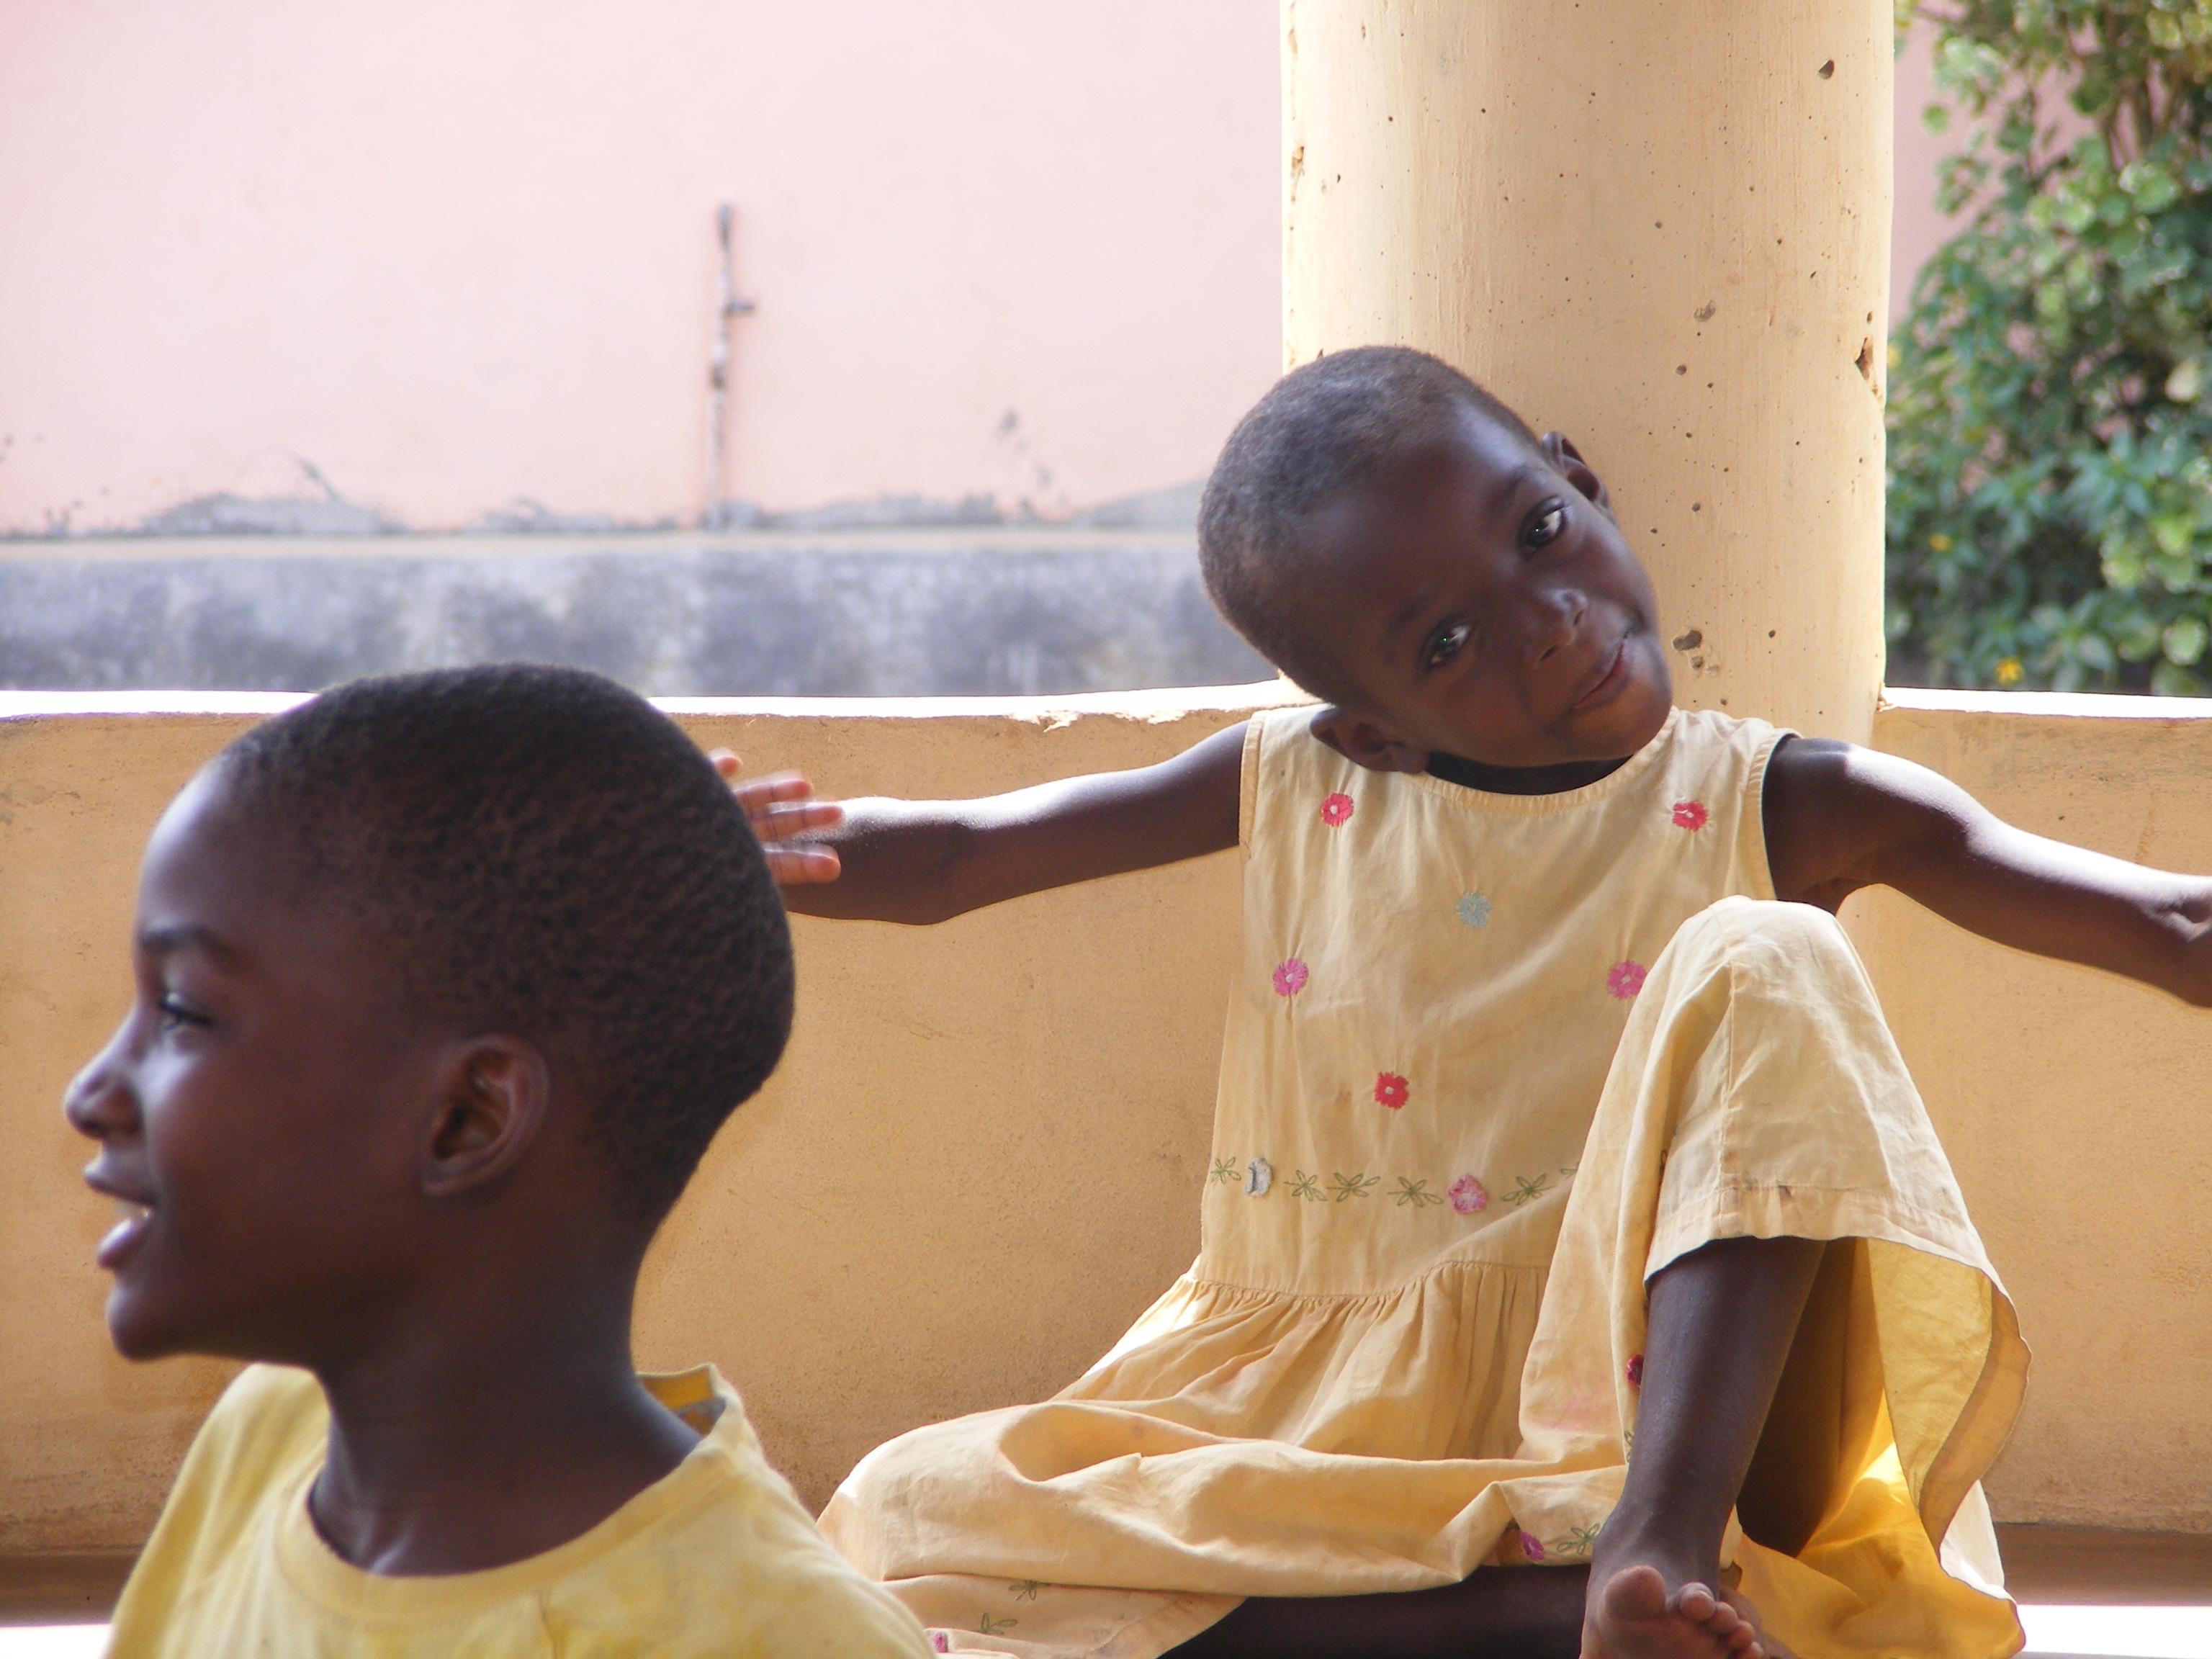 Una bambina nell'orfanotrofio di Dagletà (Benin, Febbraio 2014)